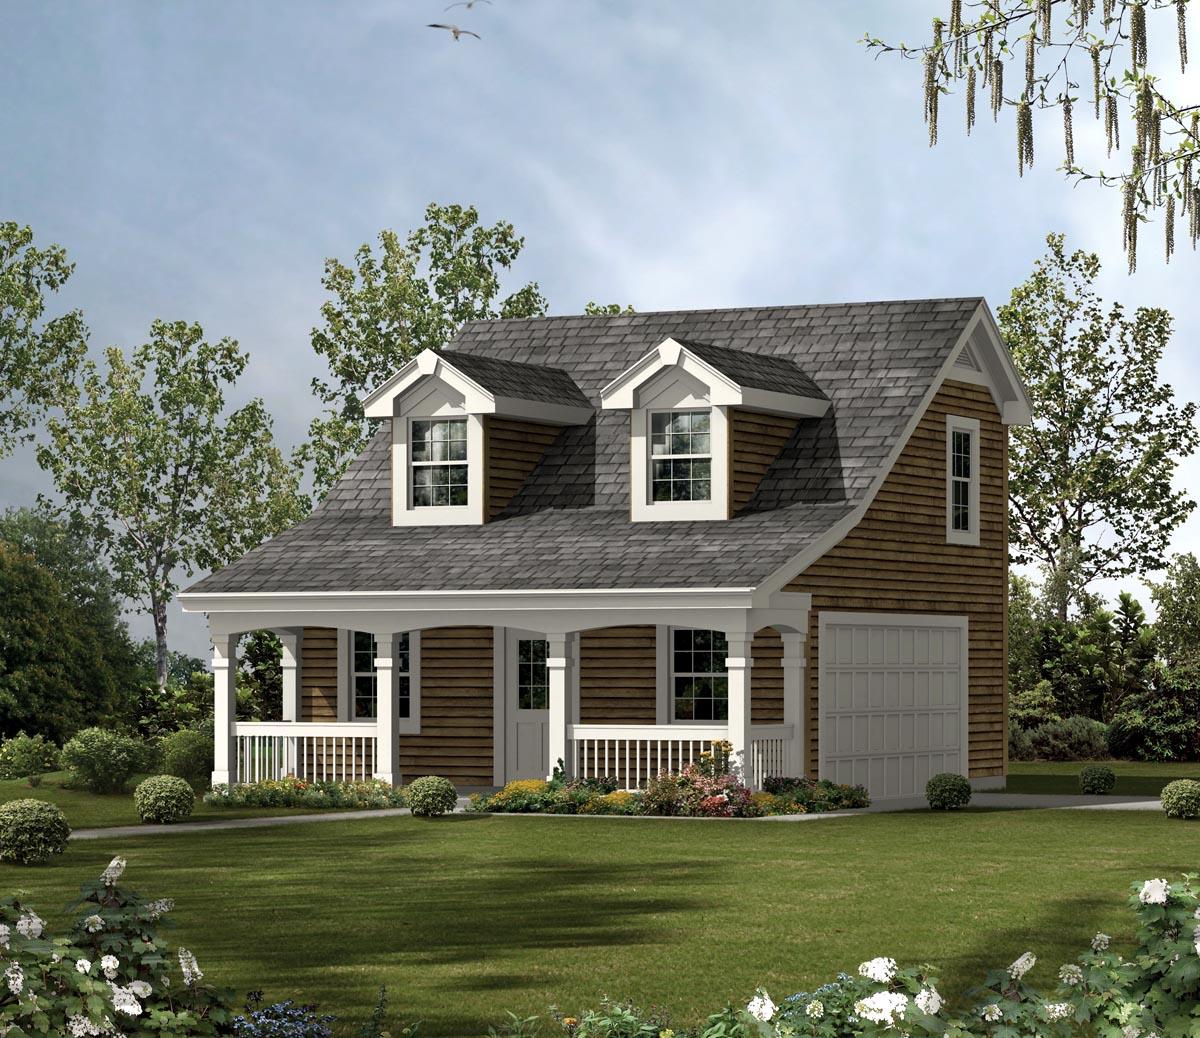 Garage Plan 95826 At Familyhomeplans Com: Garage Plan 95930 At FamilyHomePlans.com